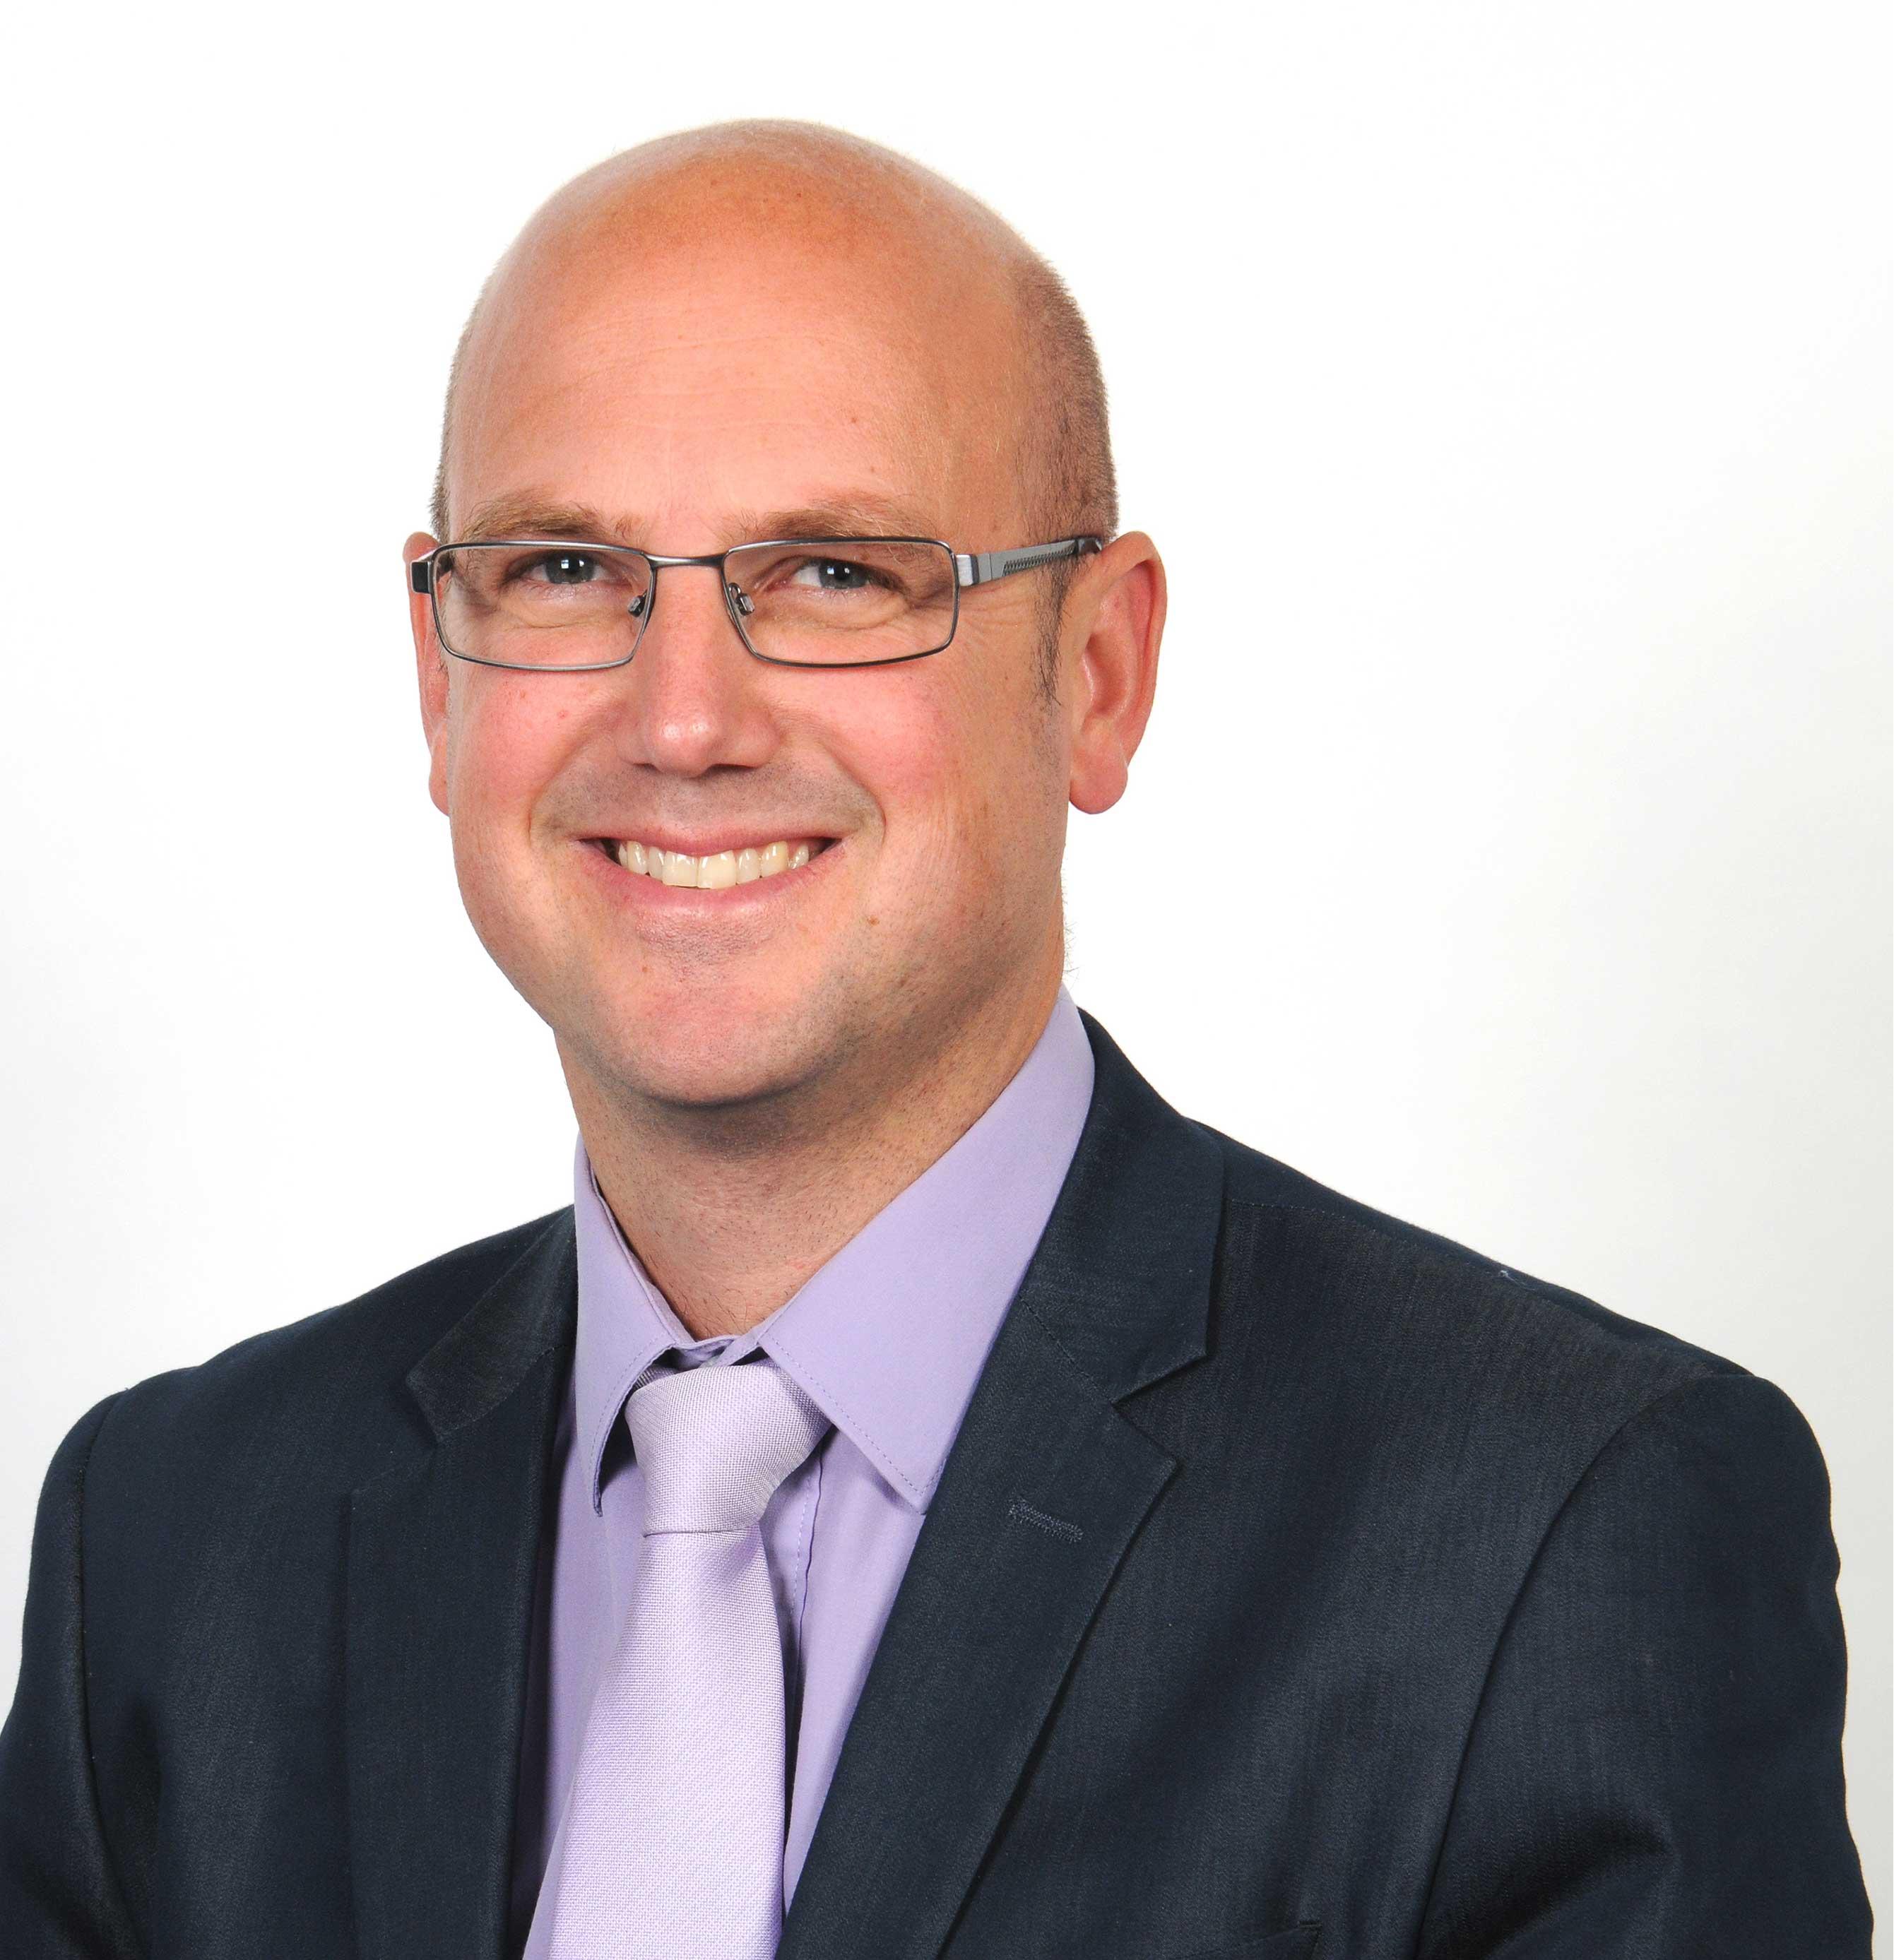 Paul Zeevaart - Commercial Director, Blu-3